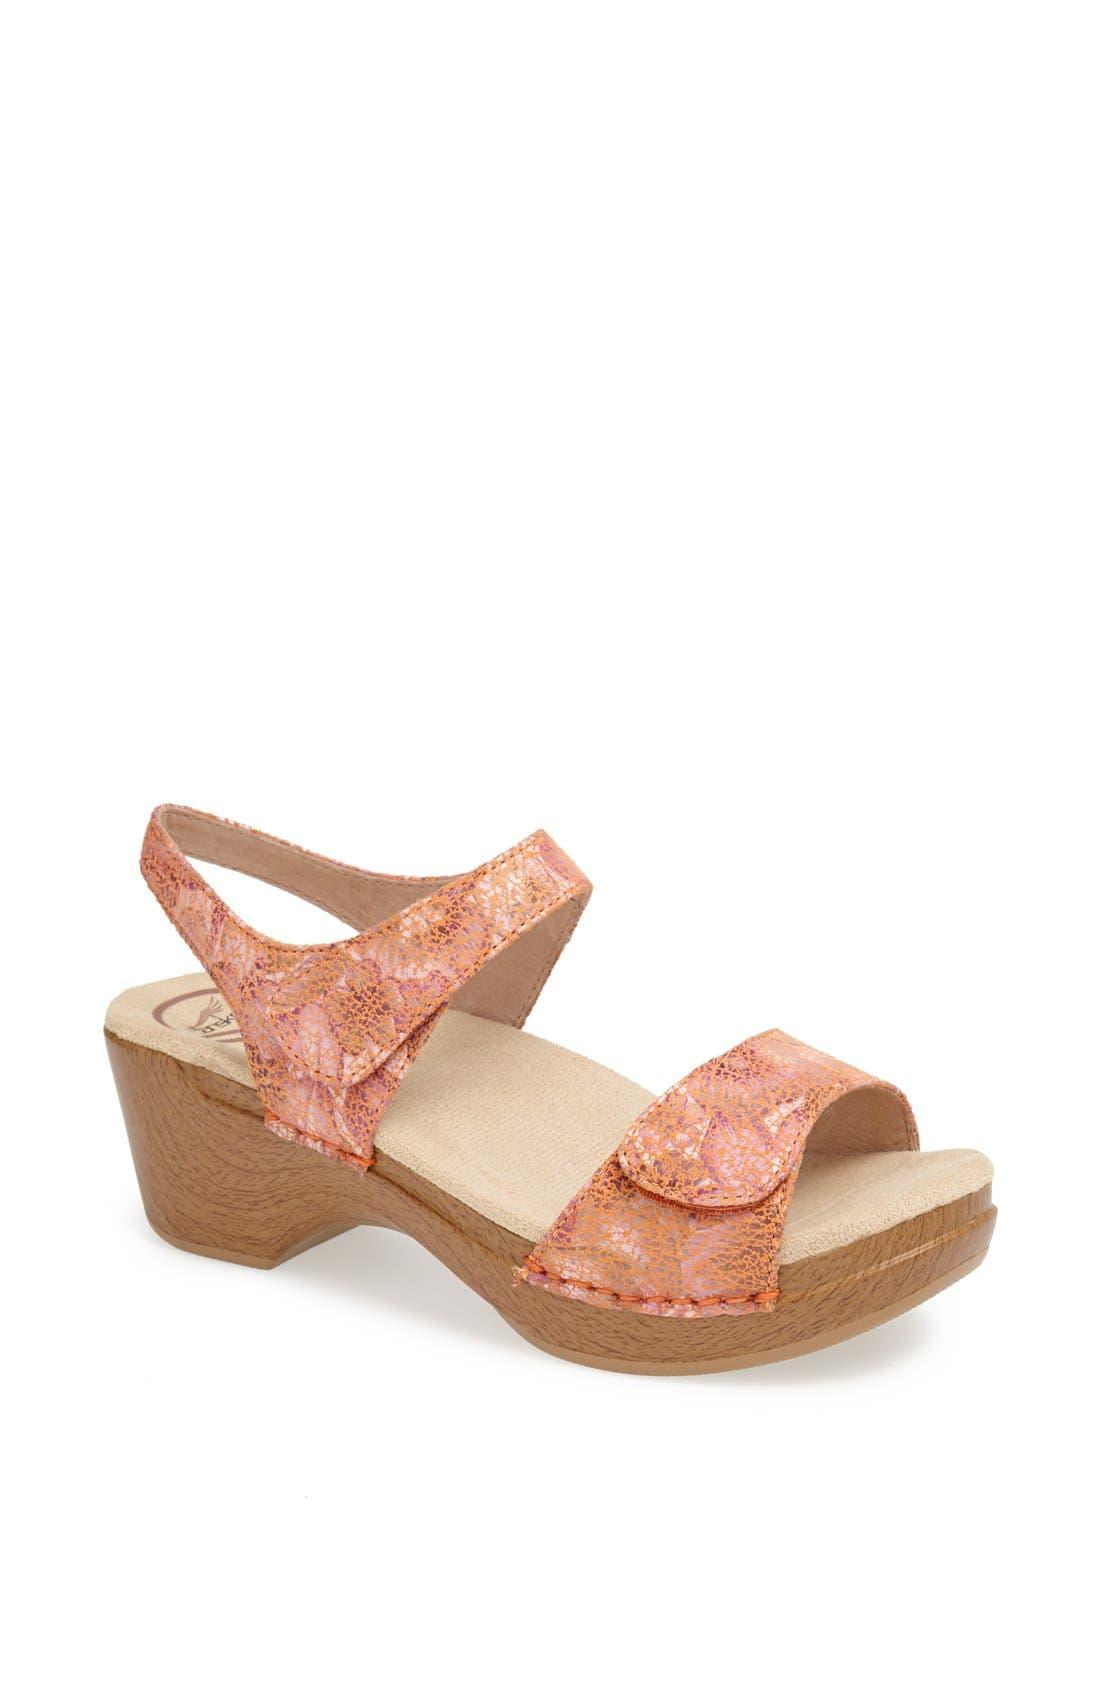 Main Image - Dansko 'Sonnet' Sandal